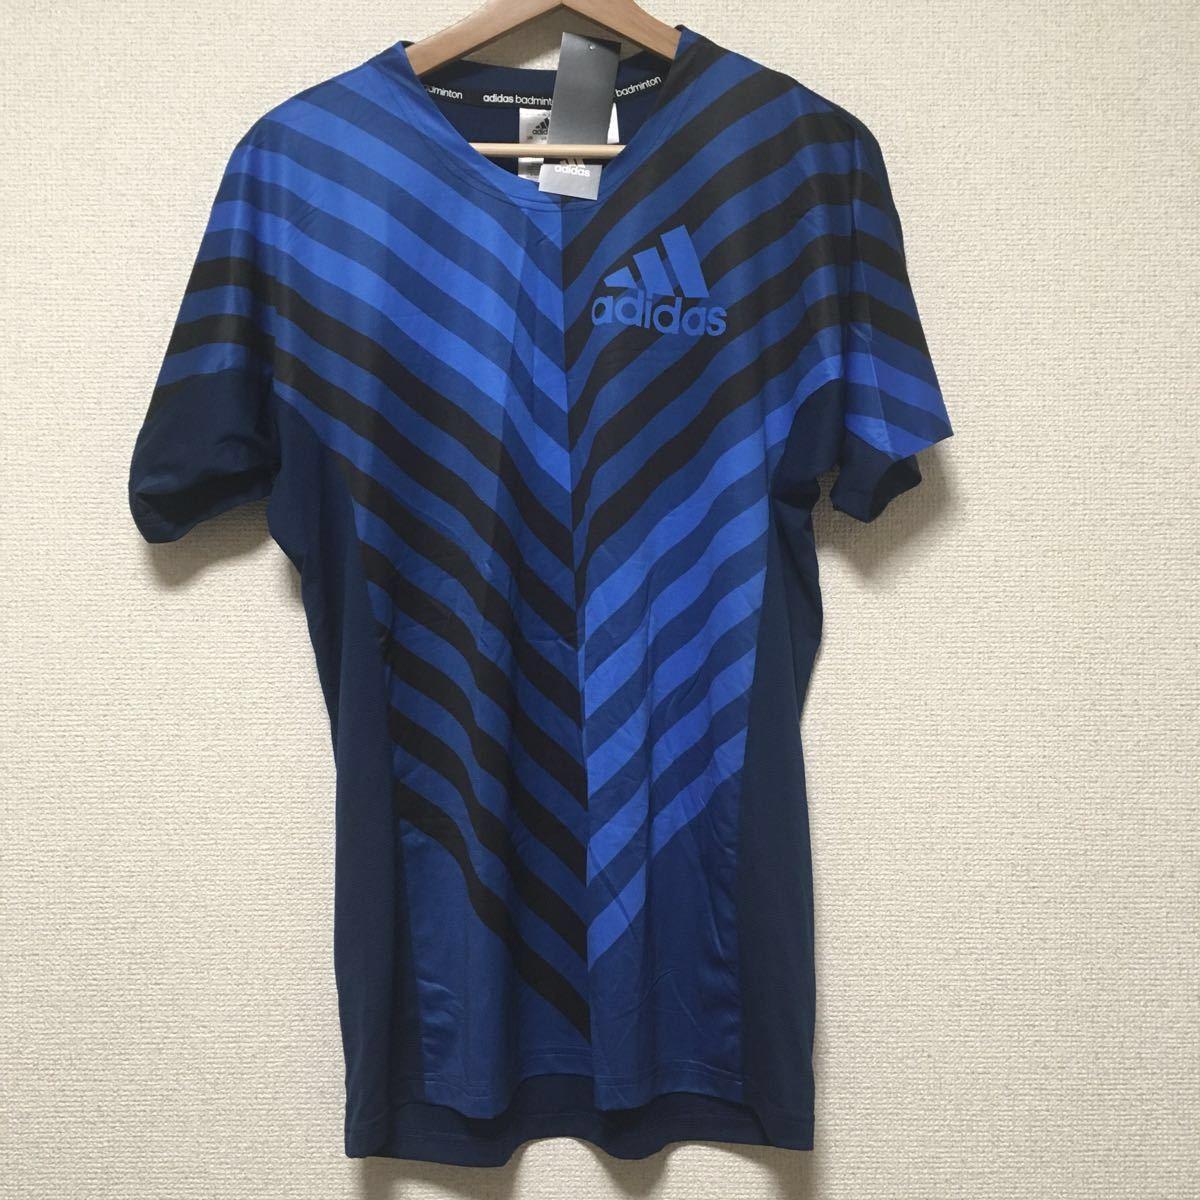 b44b2a5c07791 新品 #27 アディダス Tシャツ 半袖 トップス badminton バドミントン adidas ブルー ブラック 青 黒 L